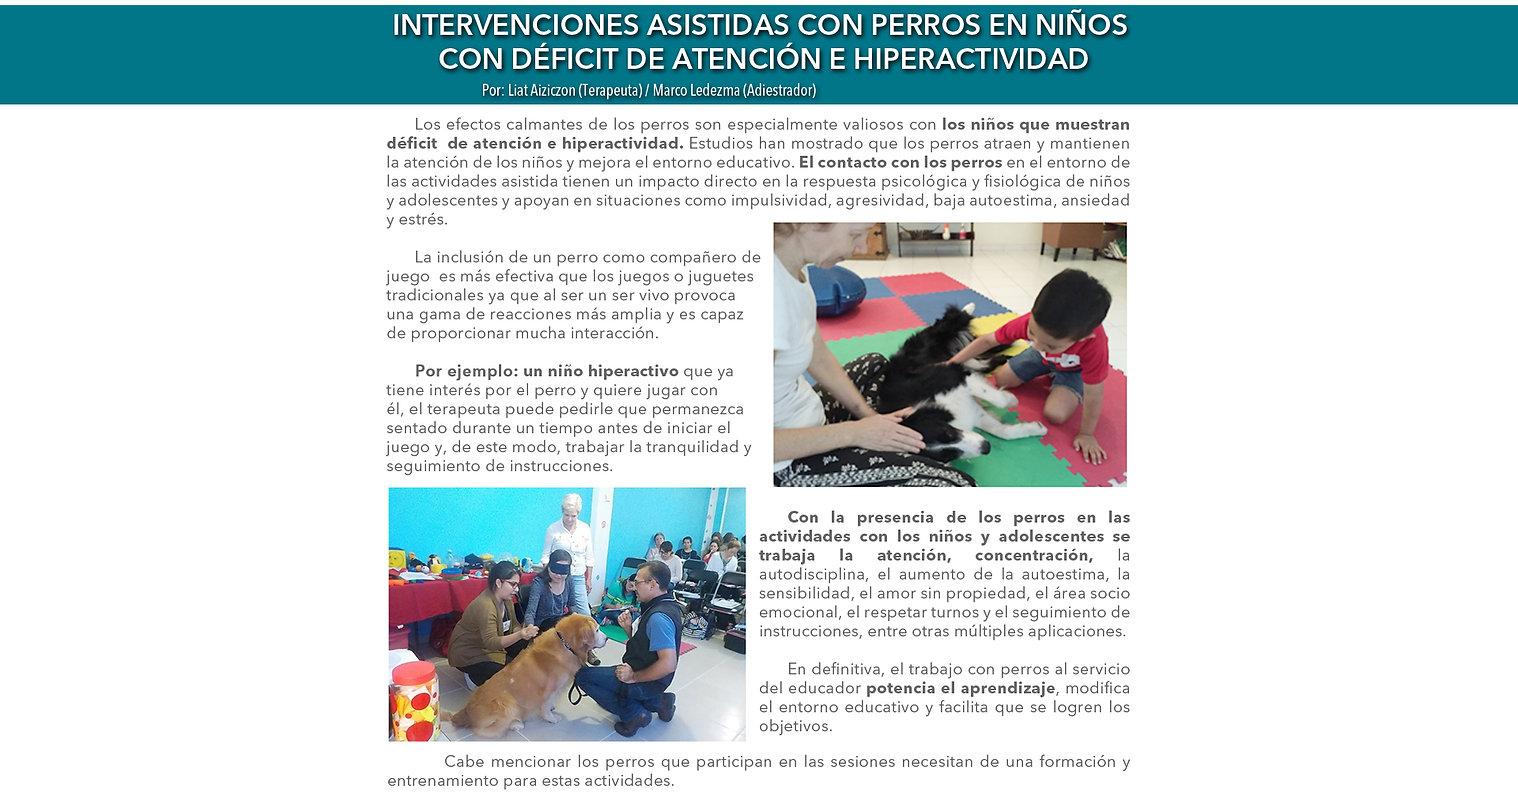 Articulo_niños_deficit_entrenamiento.jpg